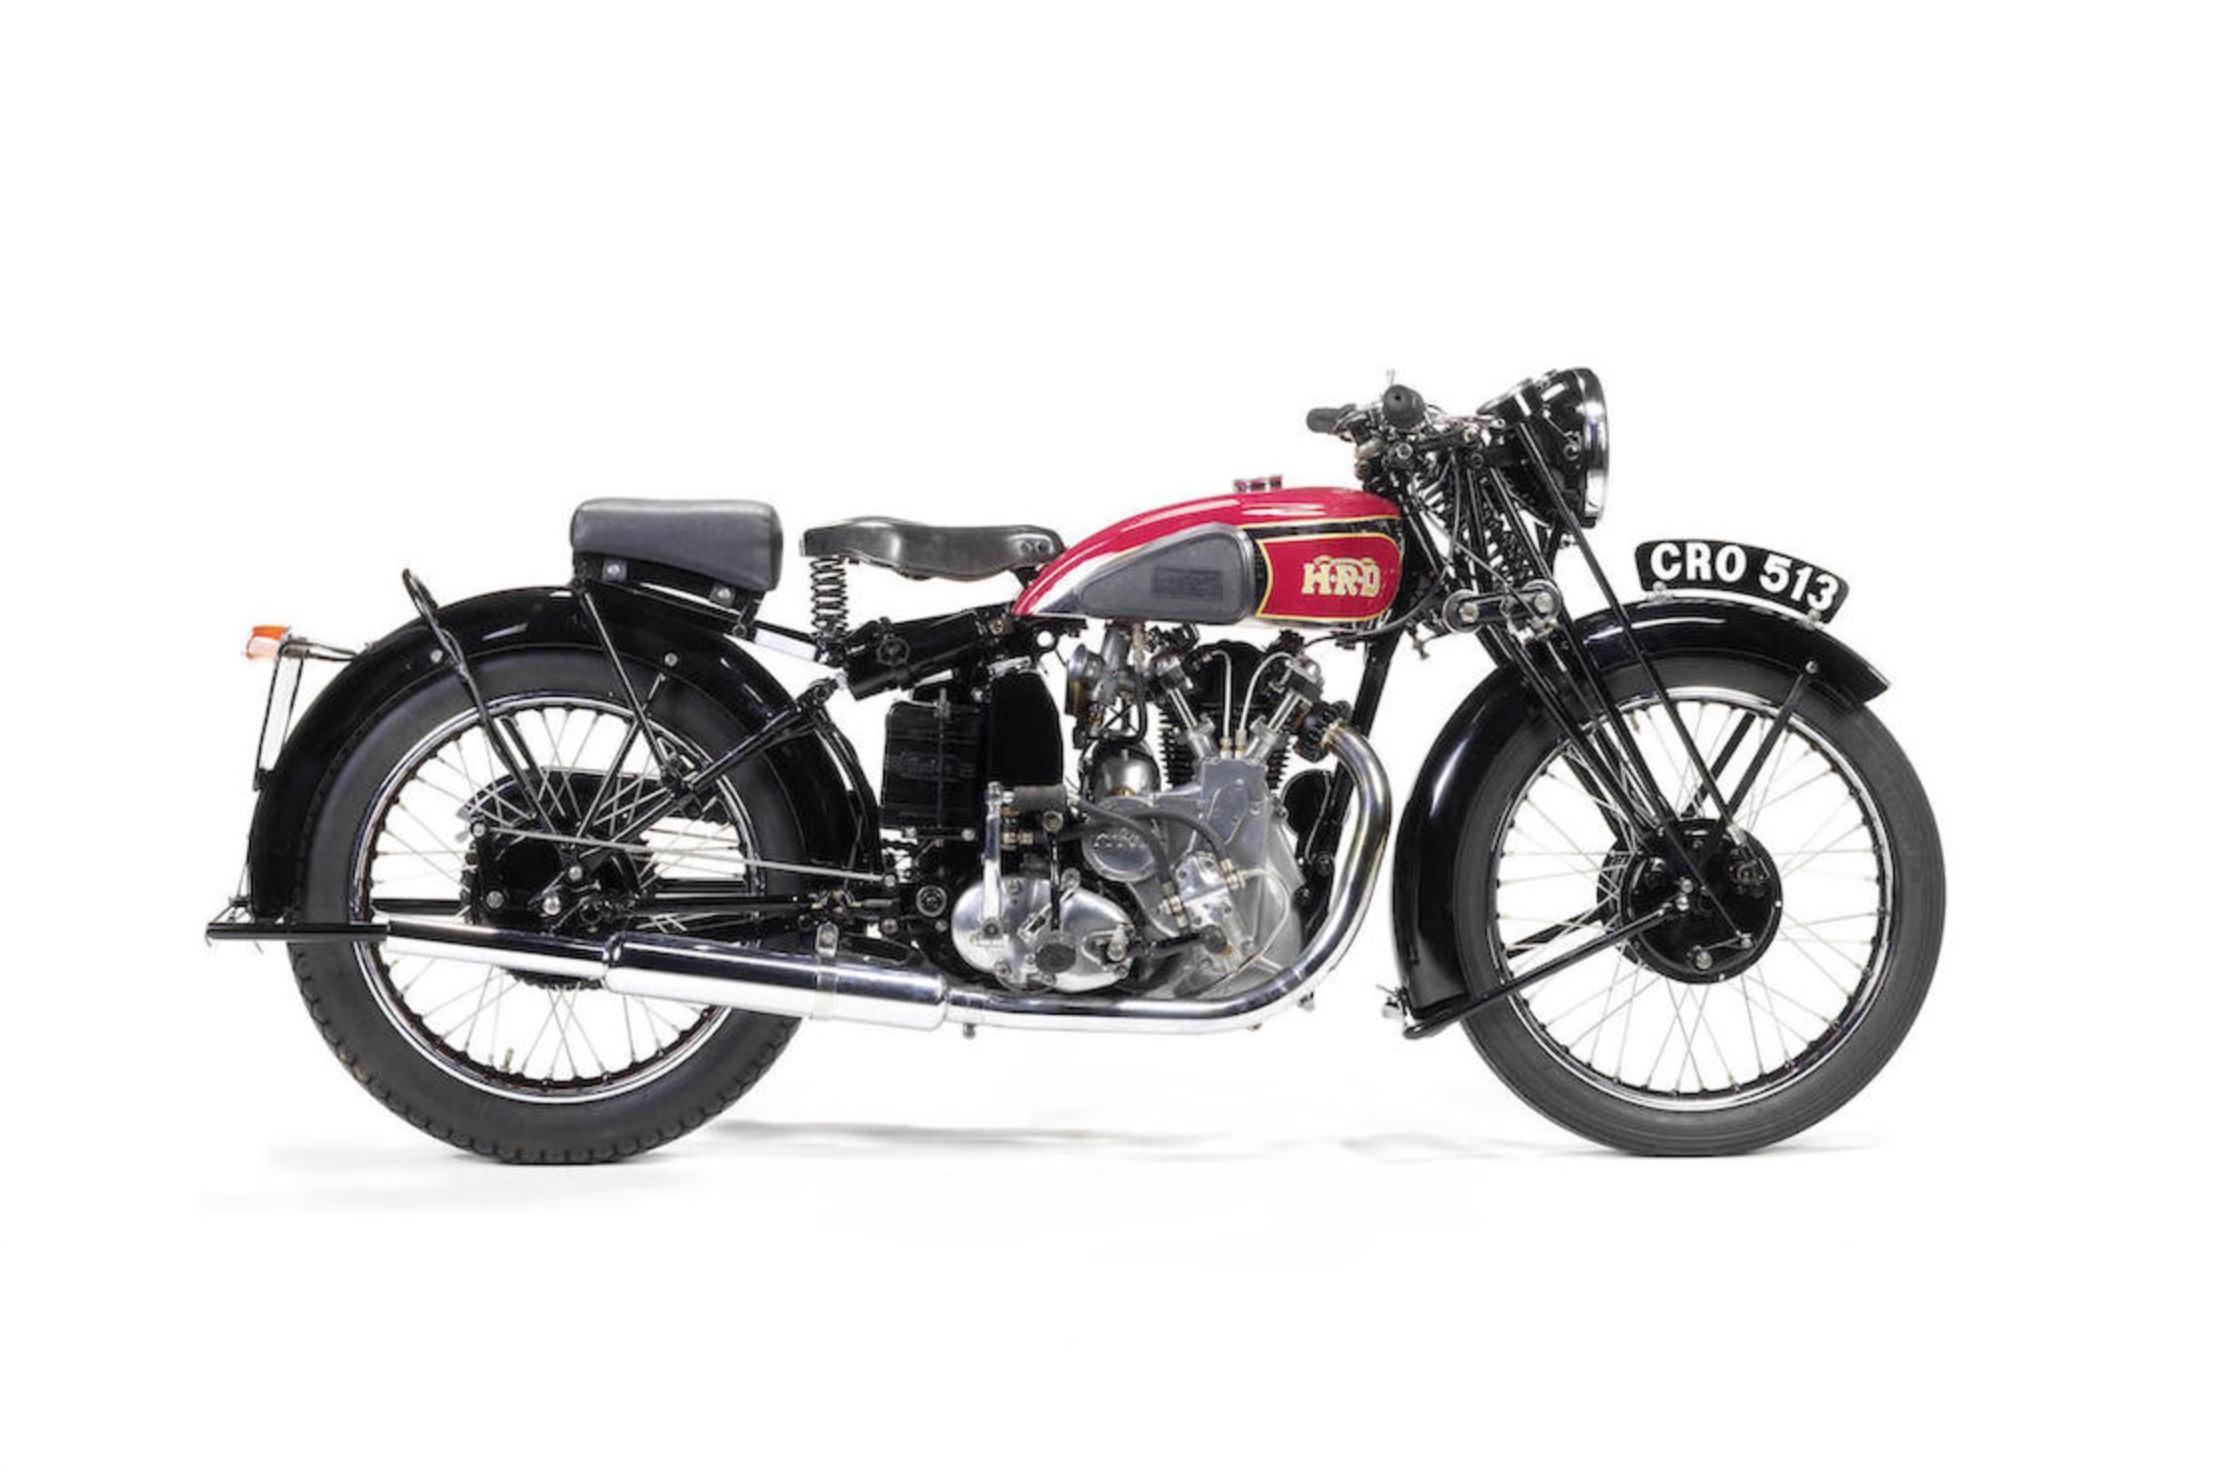 1937 Vincent-HRD Comet